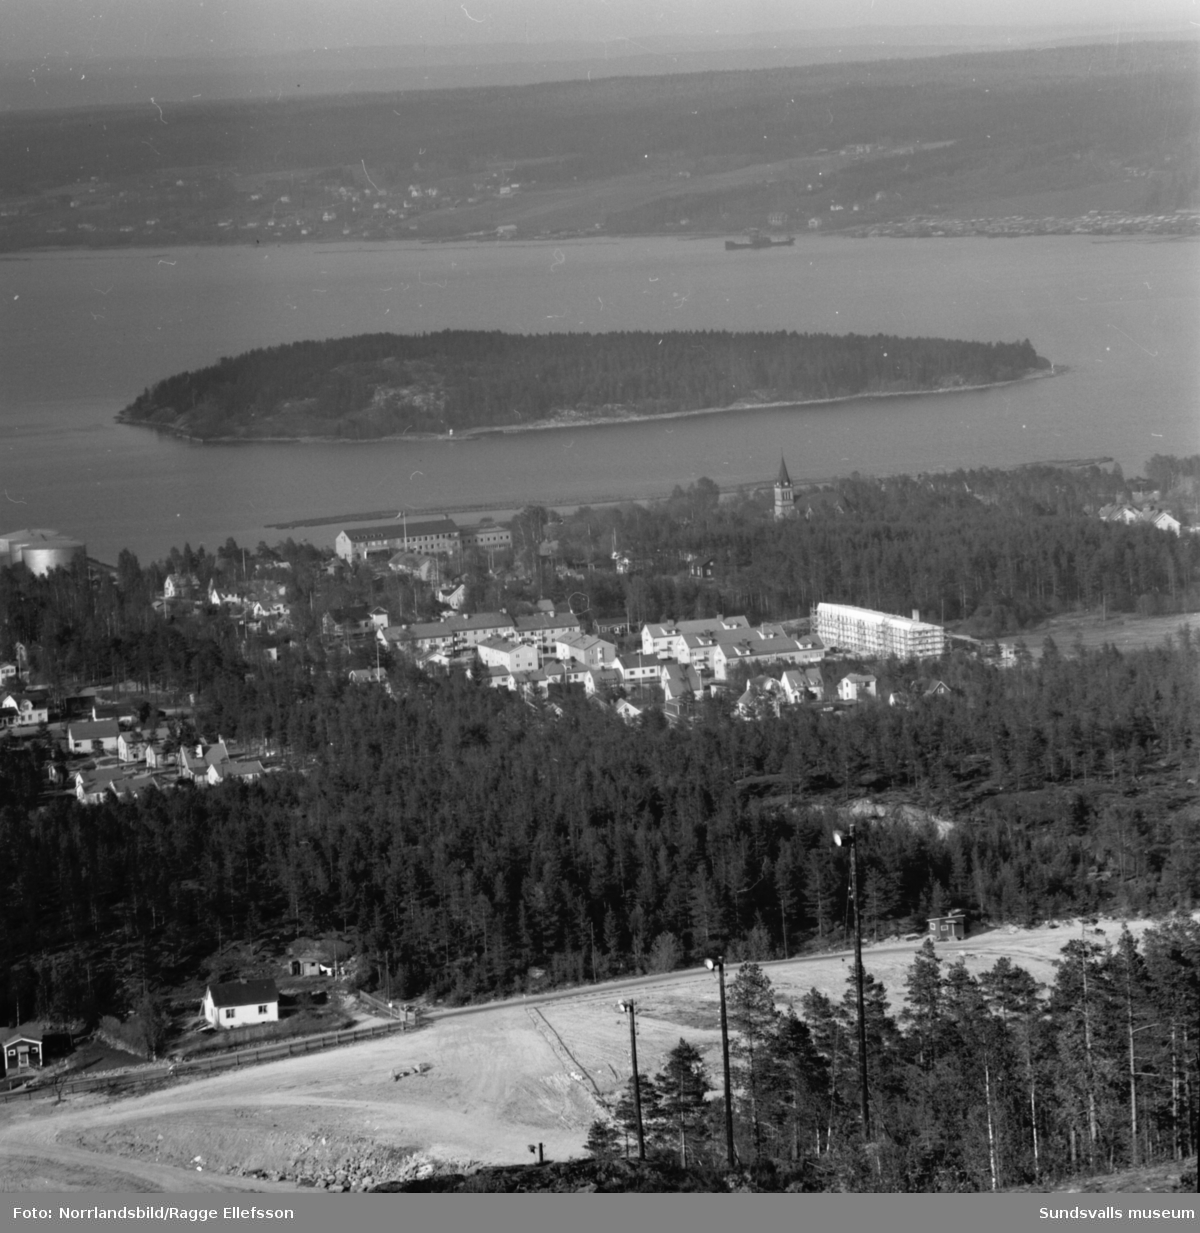 Vy över Skönsmon fotograferat från Södra berget. Tjuvholmen och längst bort skymtar Alnö.